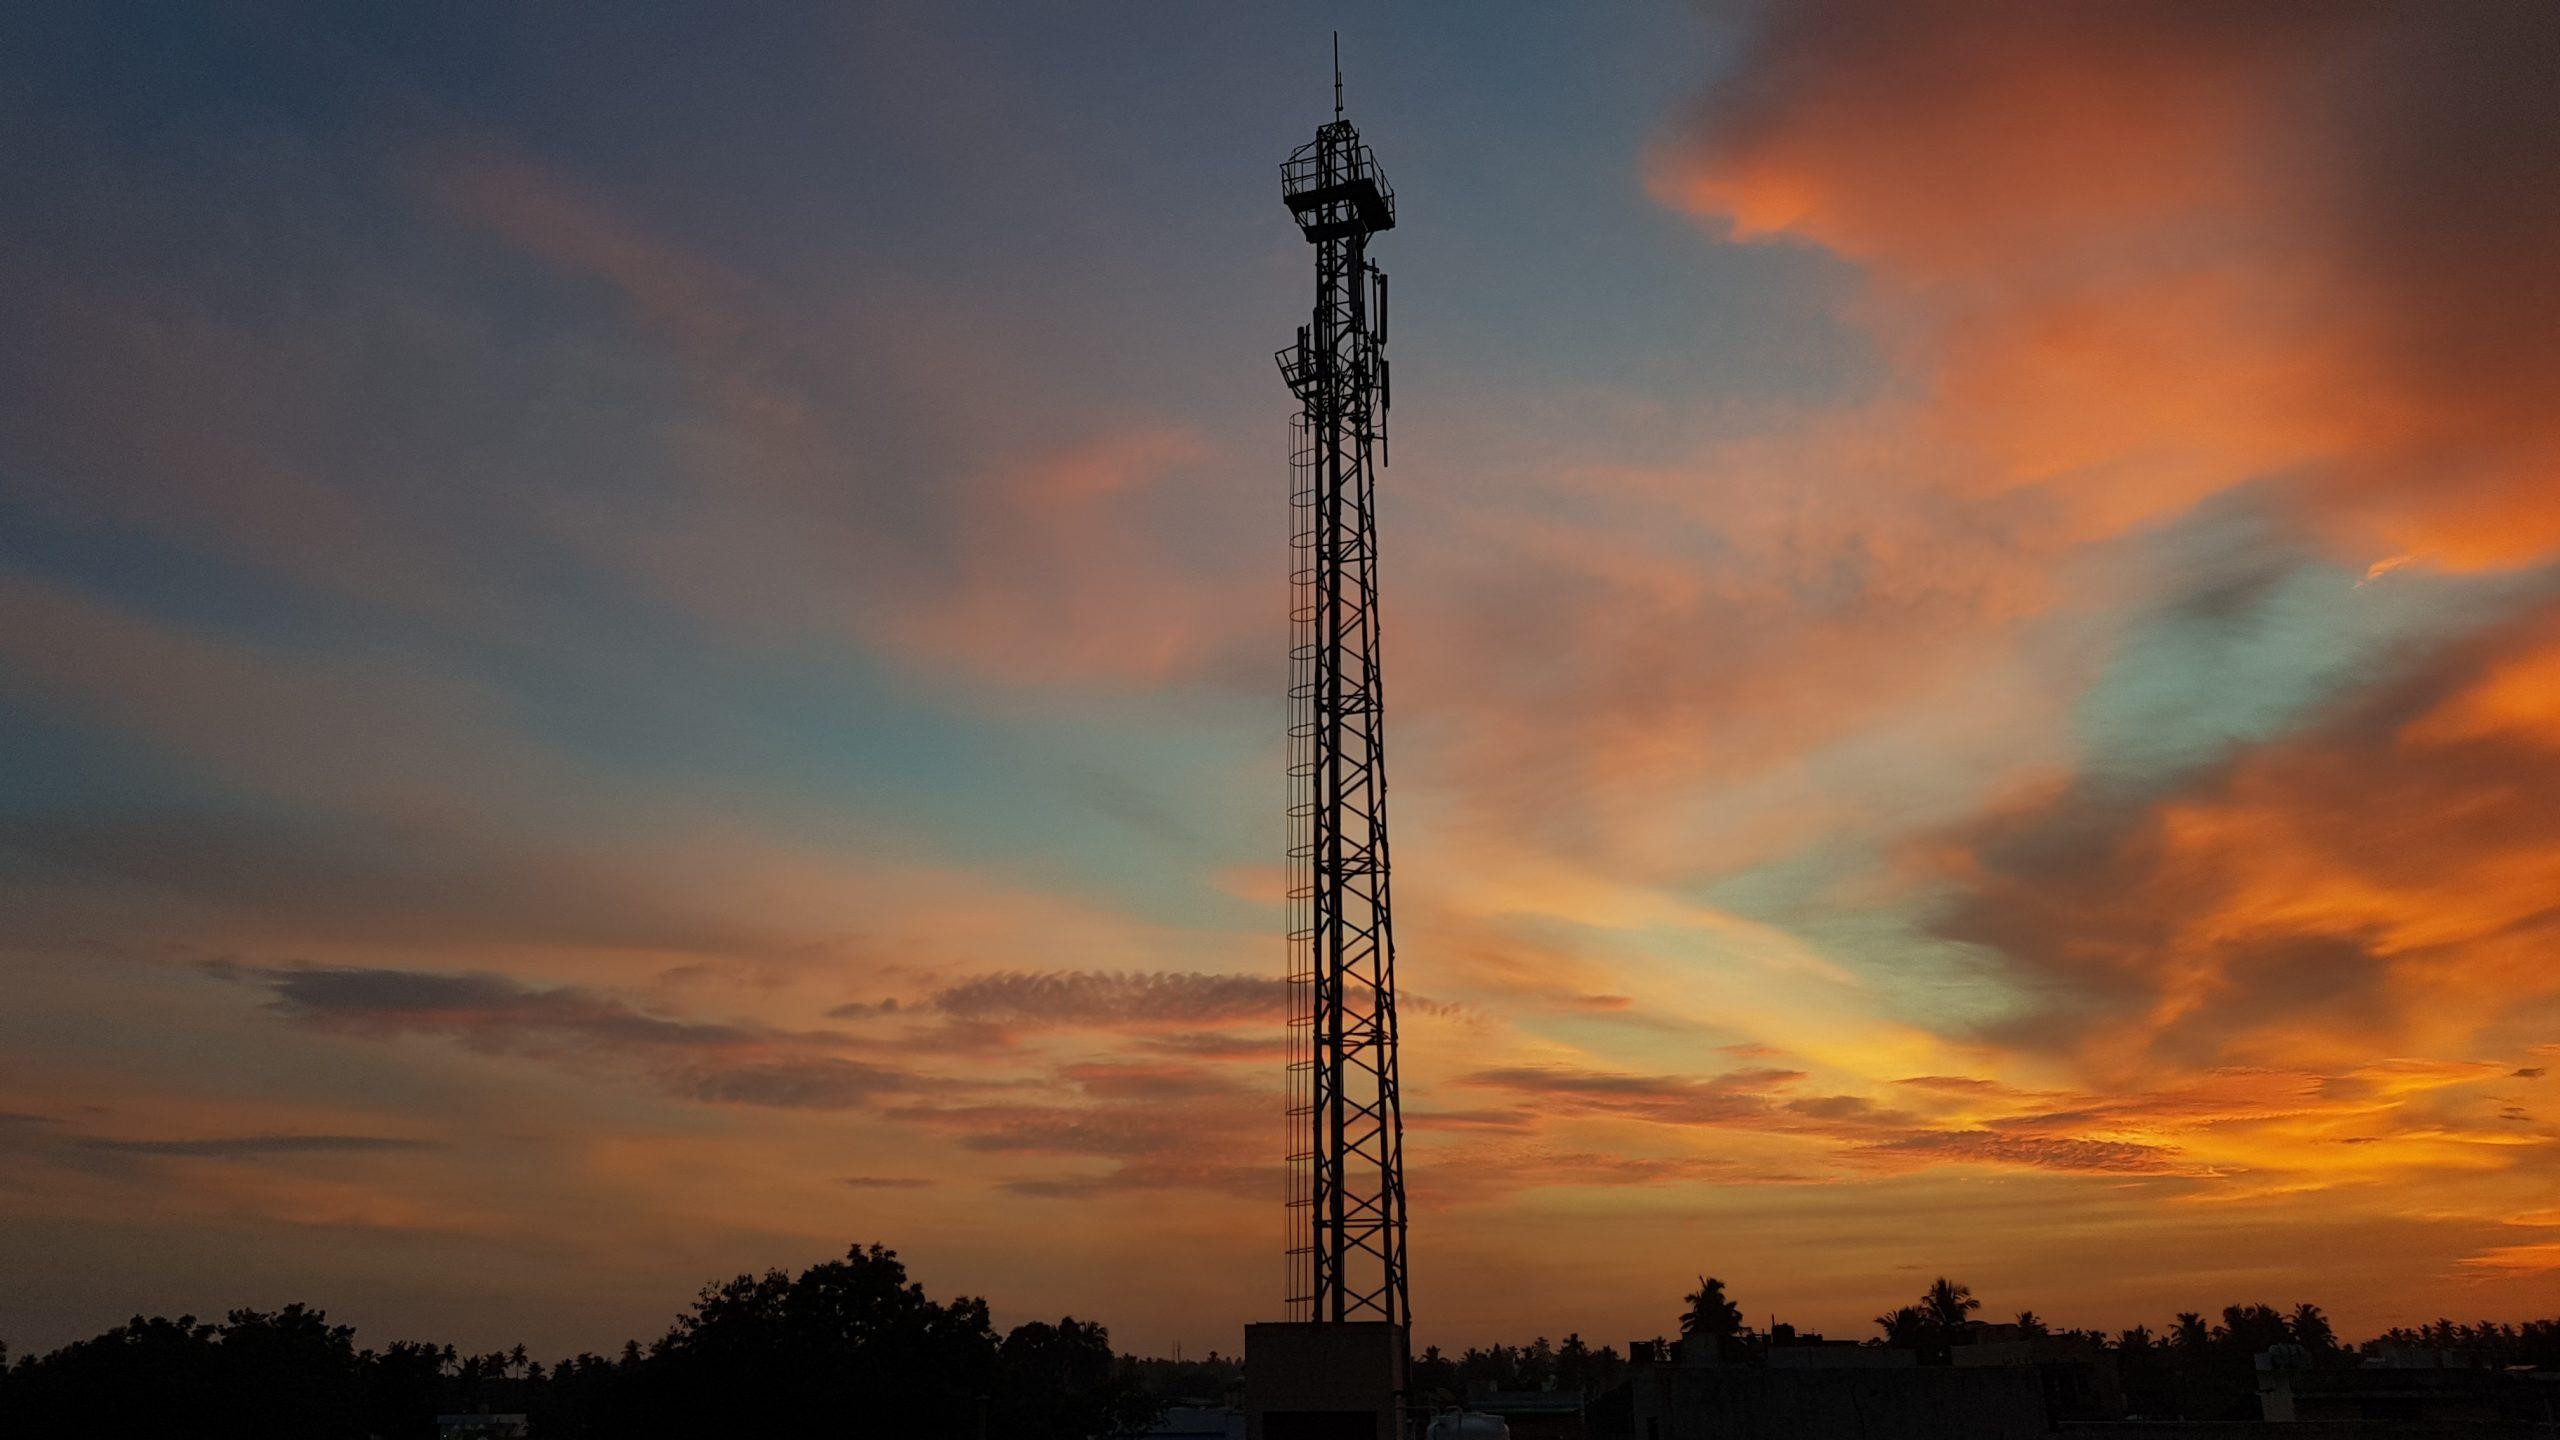 A telecom tower